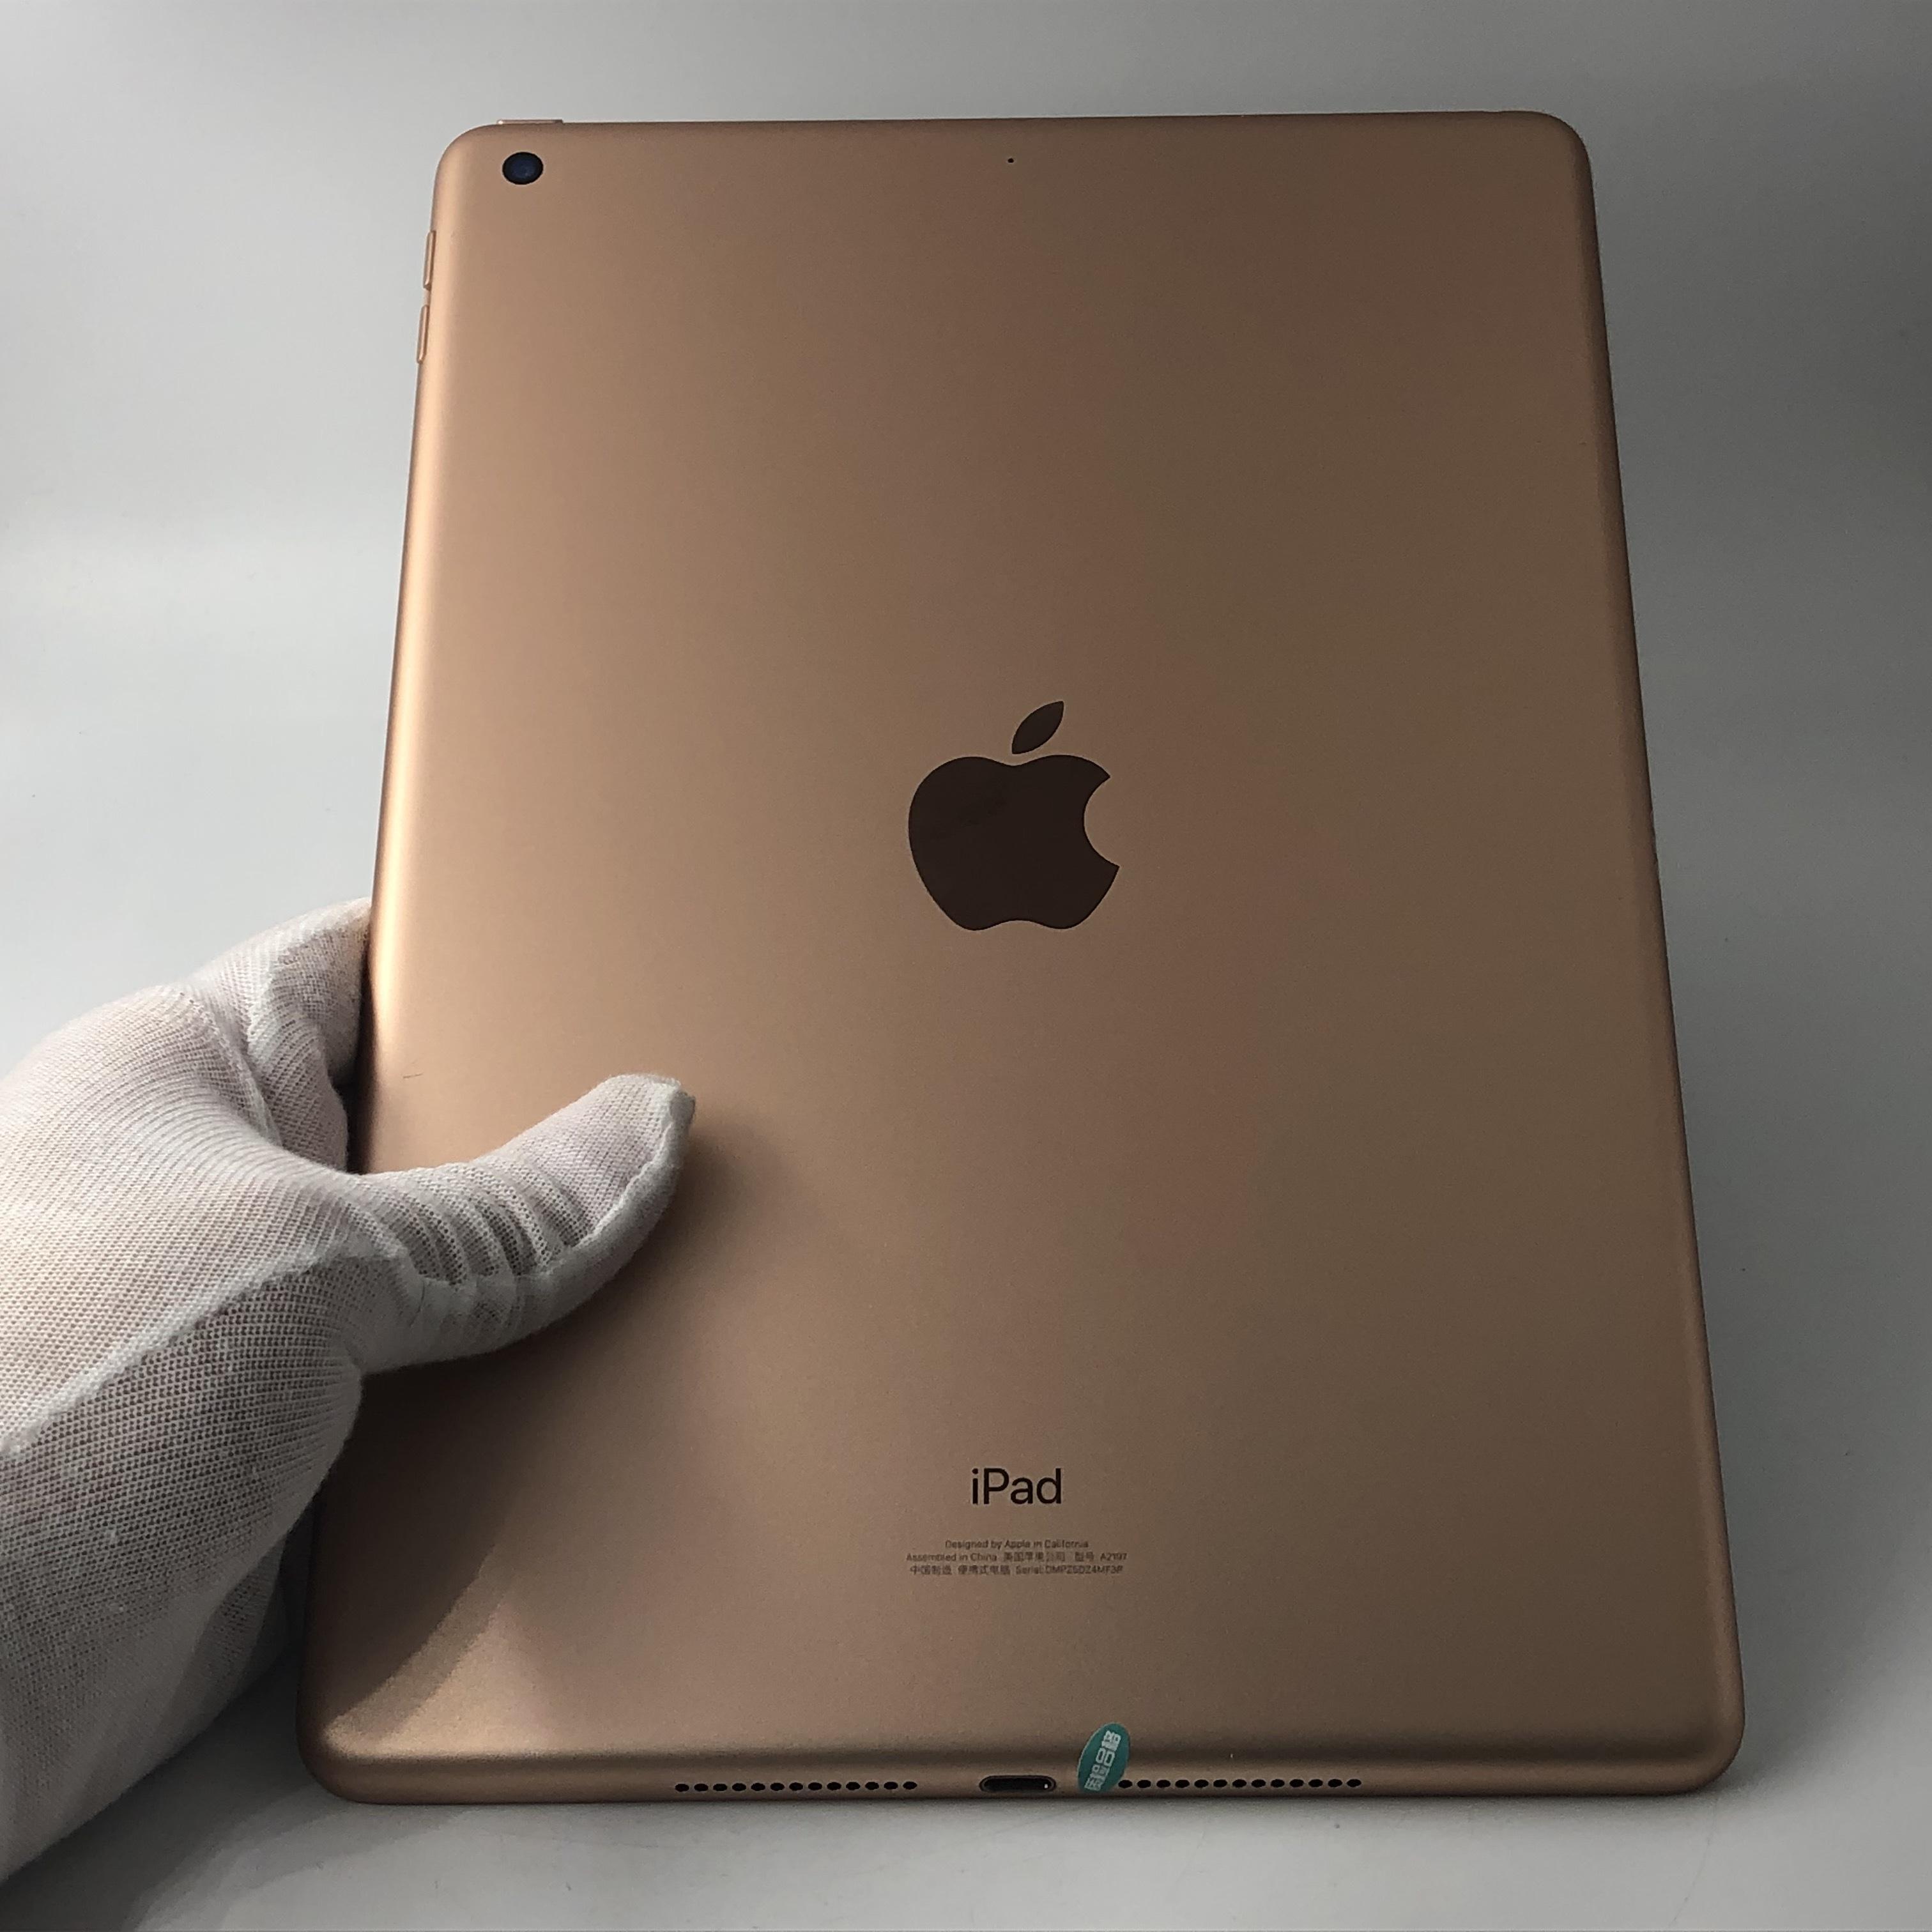 苹果【iPad 2019款10.2英寸】WIFI版 金色 32G 国行 99新